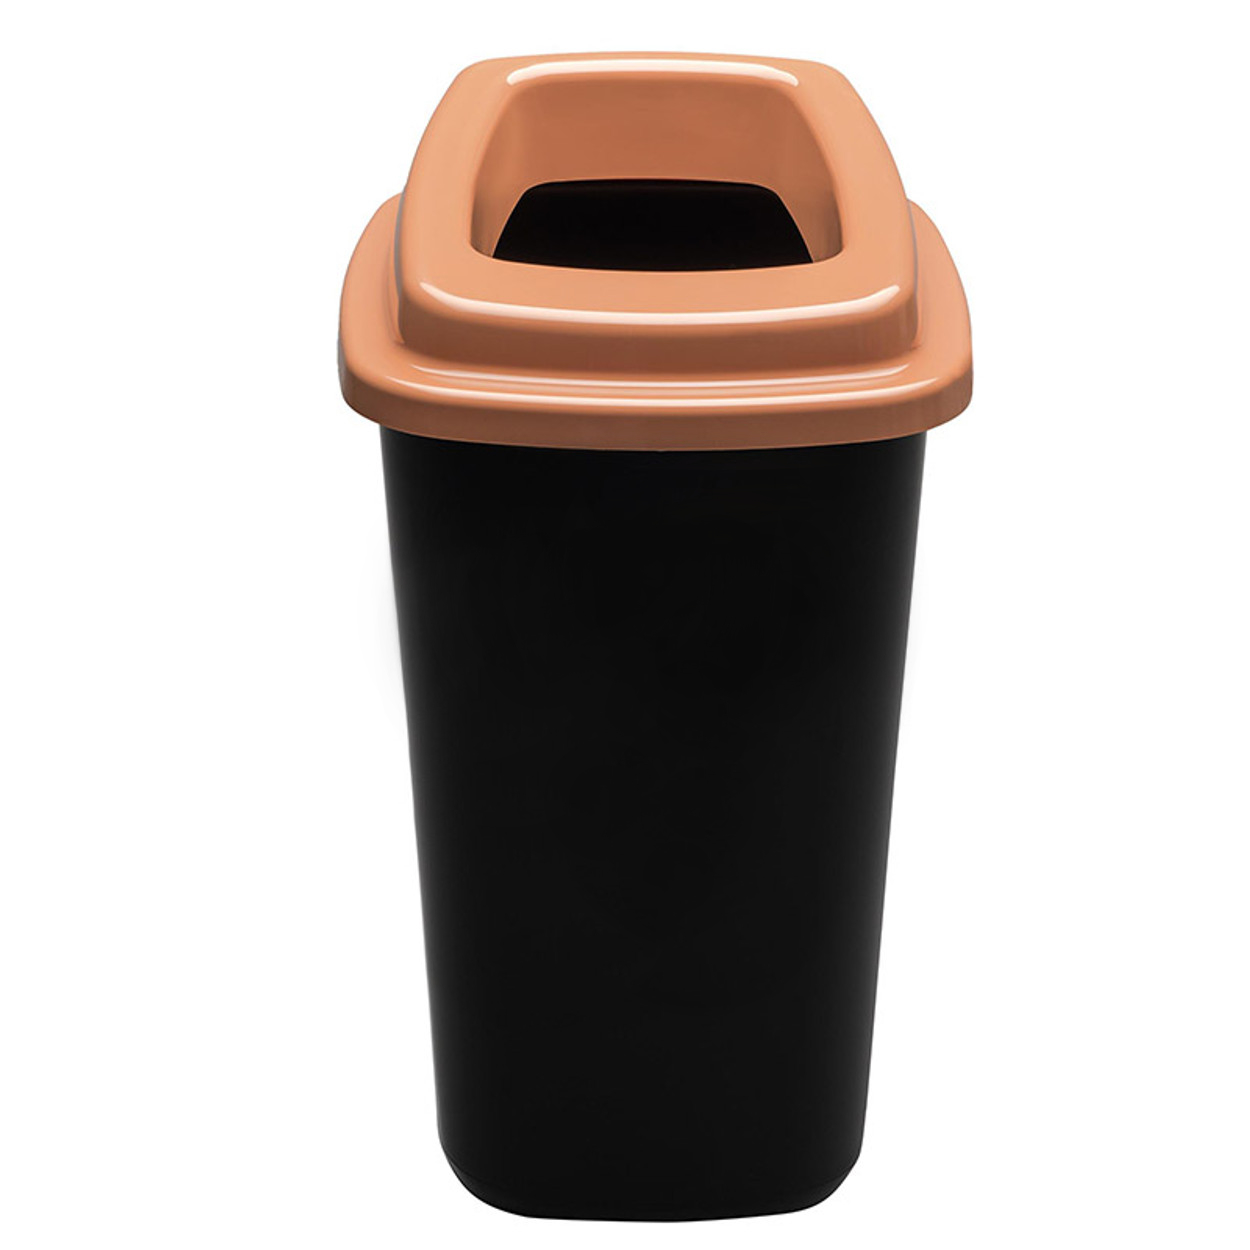 Plastový kôš na triedený odpad, 45 l, hnedá